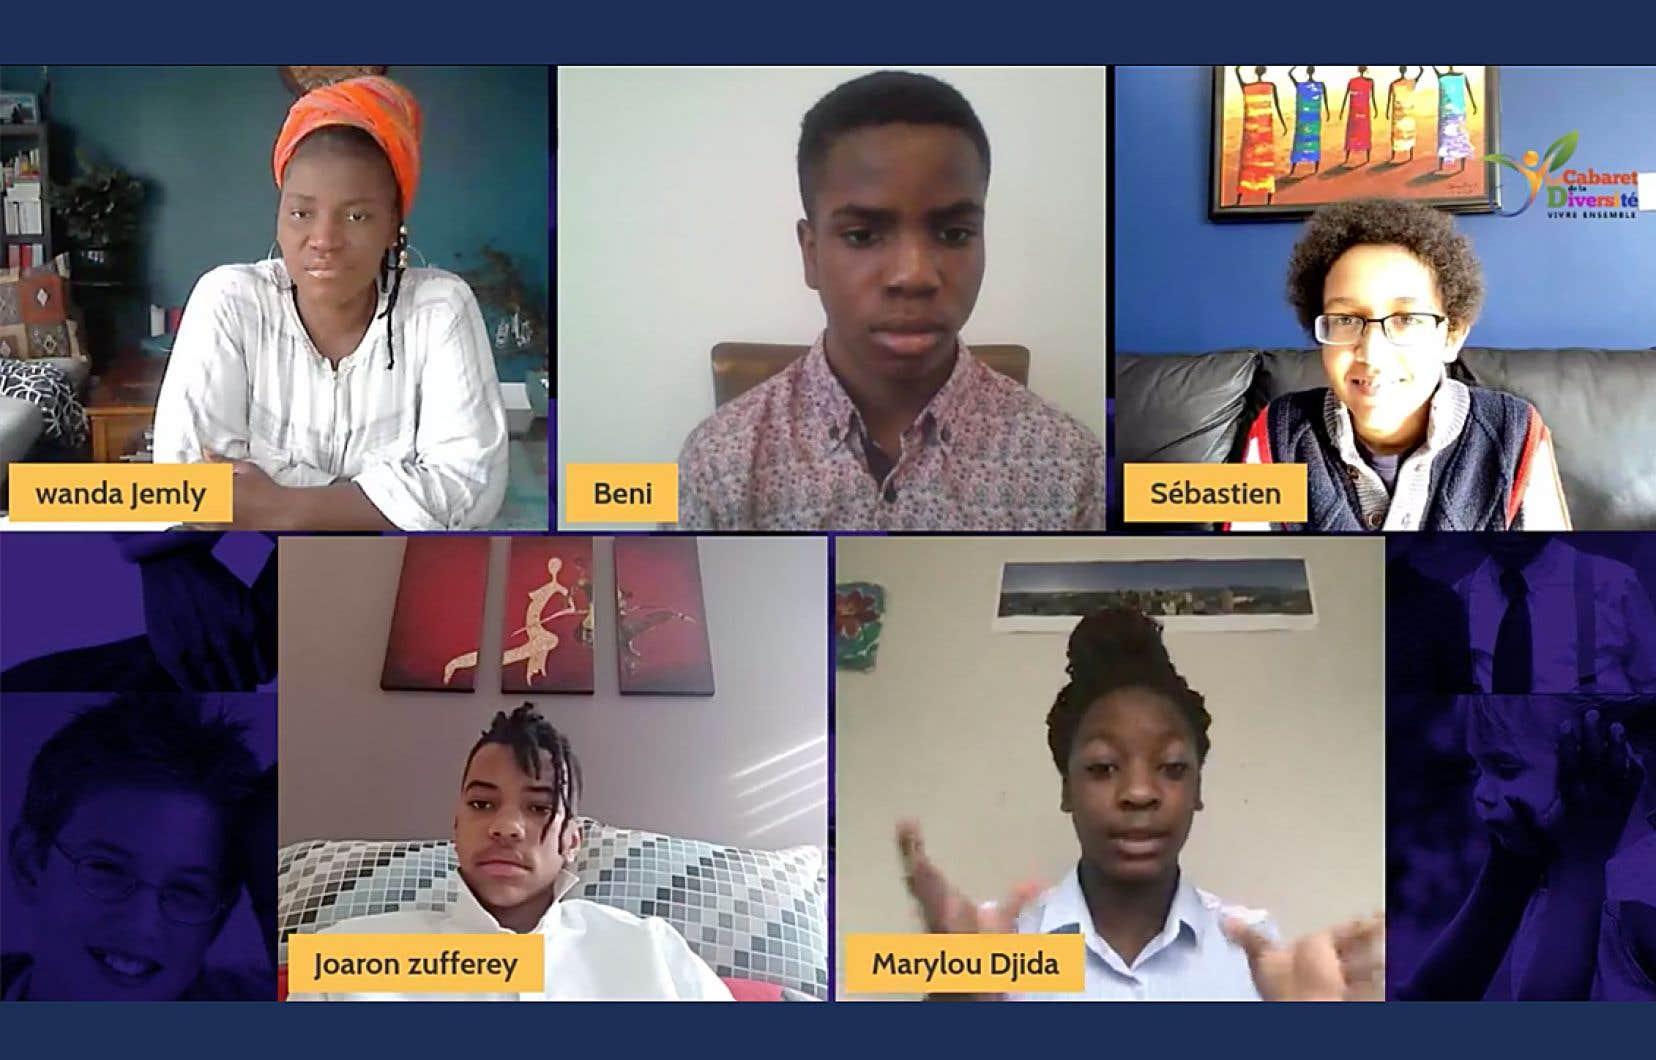 Des jeunes participants du Forum «Bâtir et grandir ensemble», organisé par le Cabaret de la Diversité